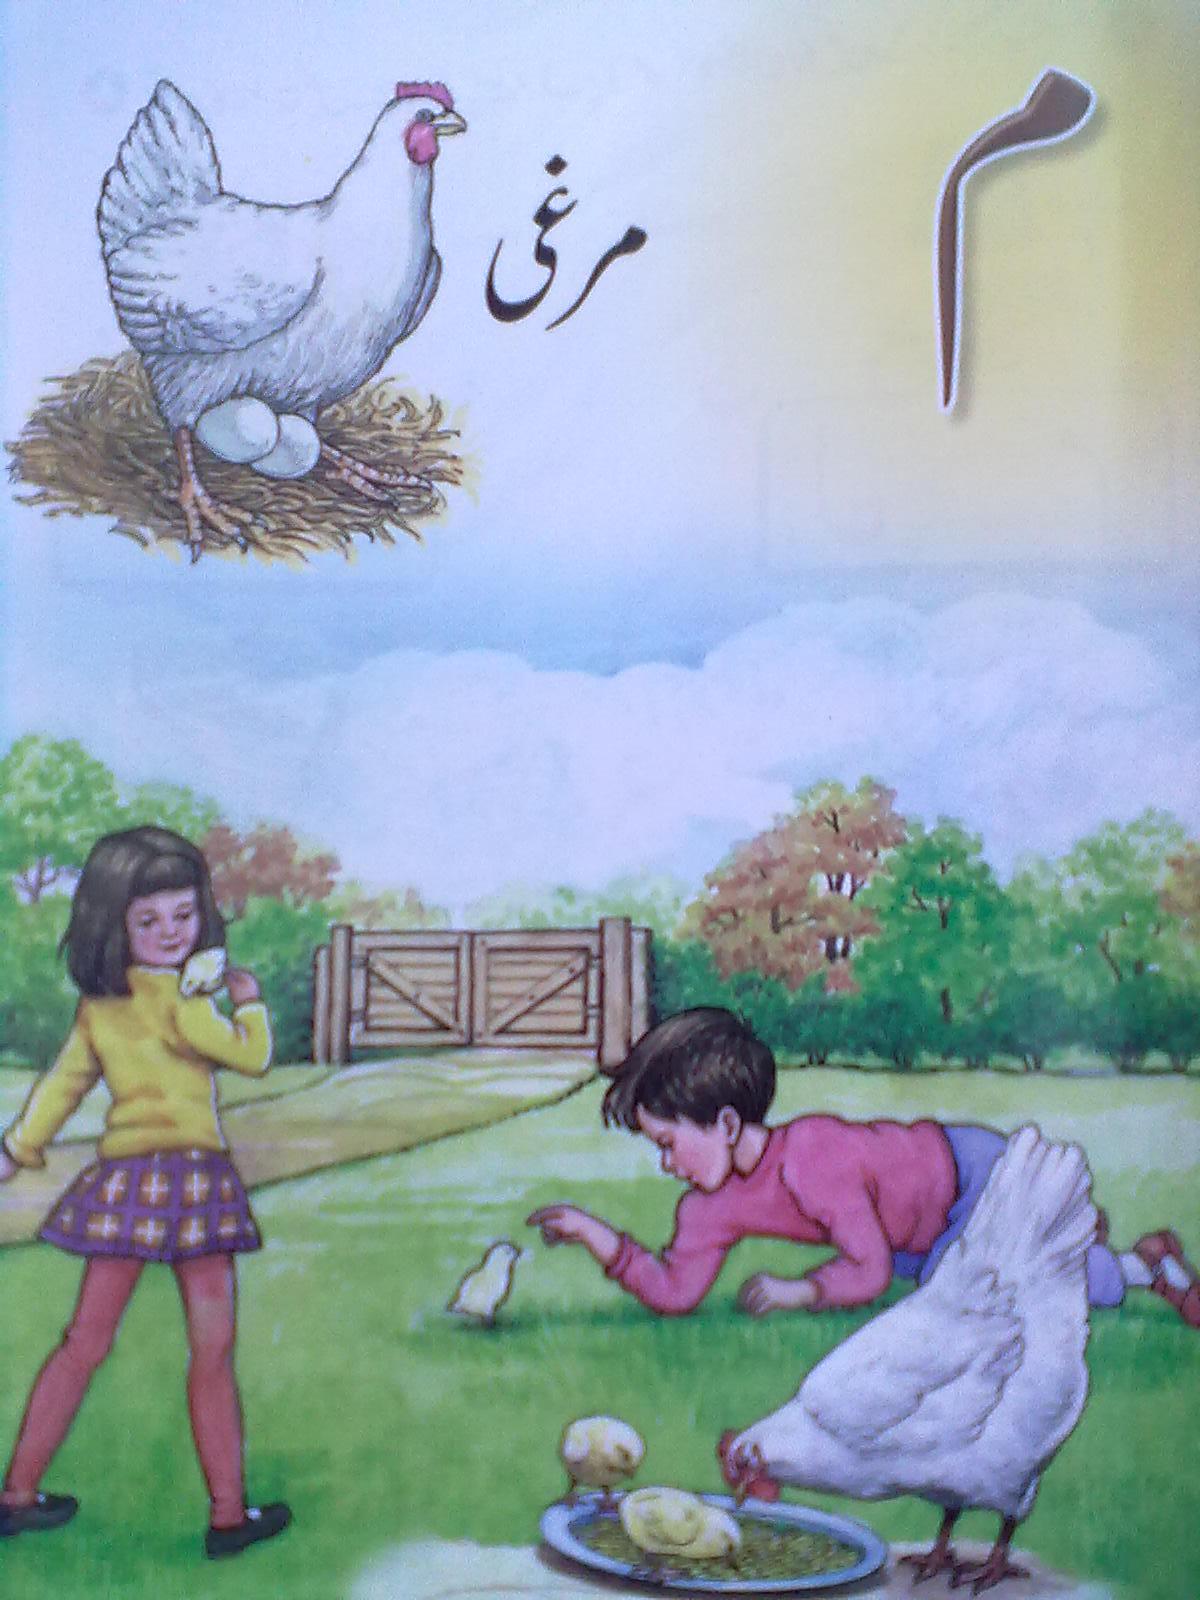 http://1.bp.blogspot.com/-MXAQUN_KUKY/Tn1xVQyExsI/AAAAAAAAAV8/MLgN1LcJZQU/s1600/Urdu+Alphabet+-+Meem+-+With+Book+Page+Image.jpg